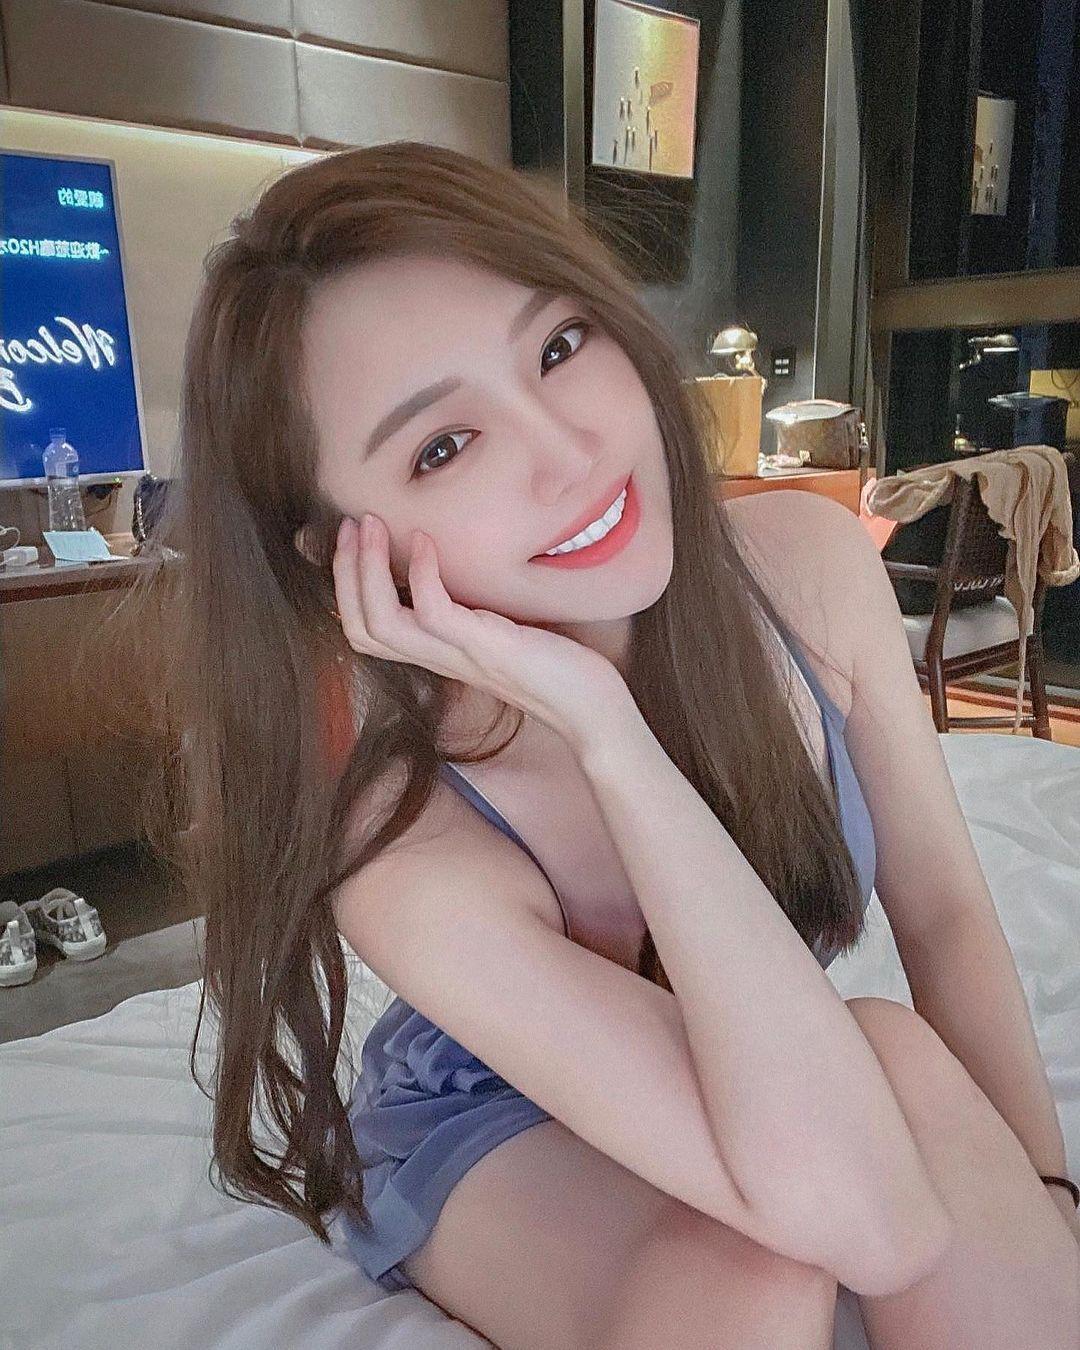 高颜值美女Shin芯儿甜美外型养眼视角画面超诱惑 吃瓜基地 第2张